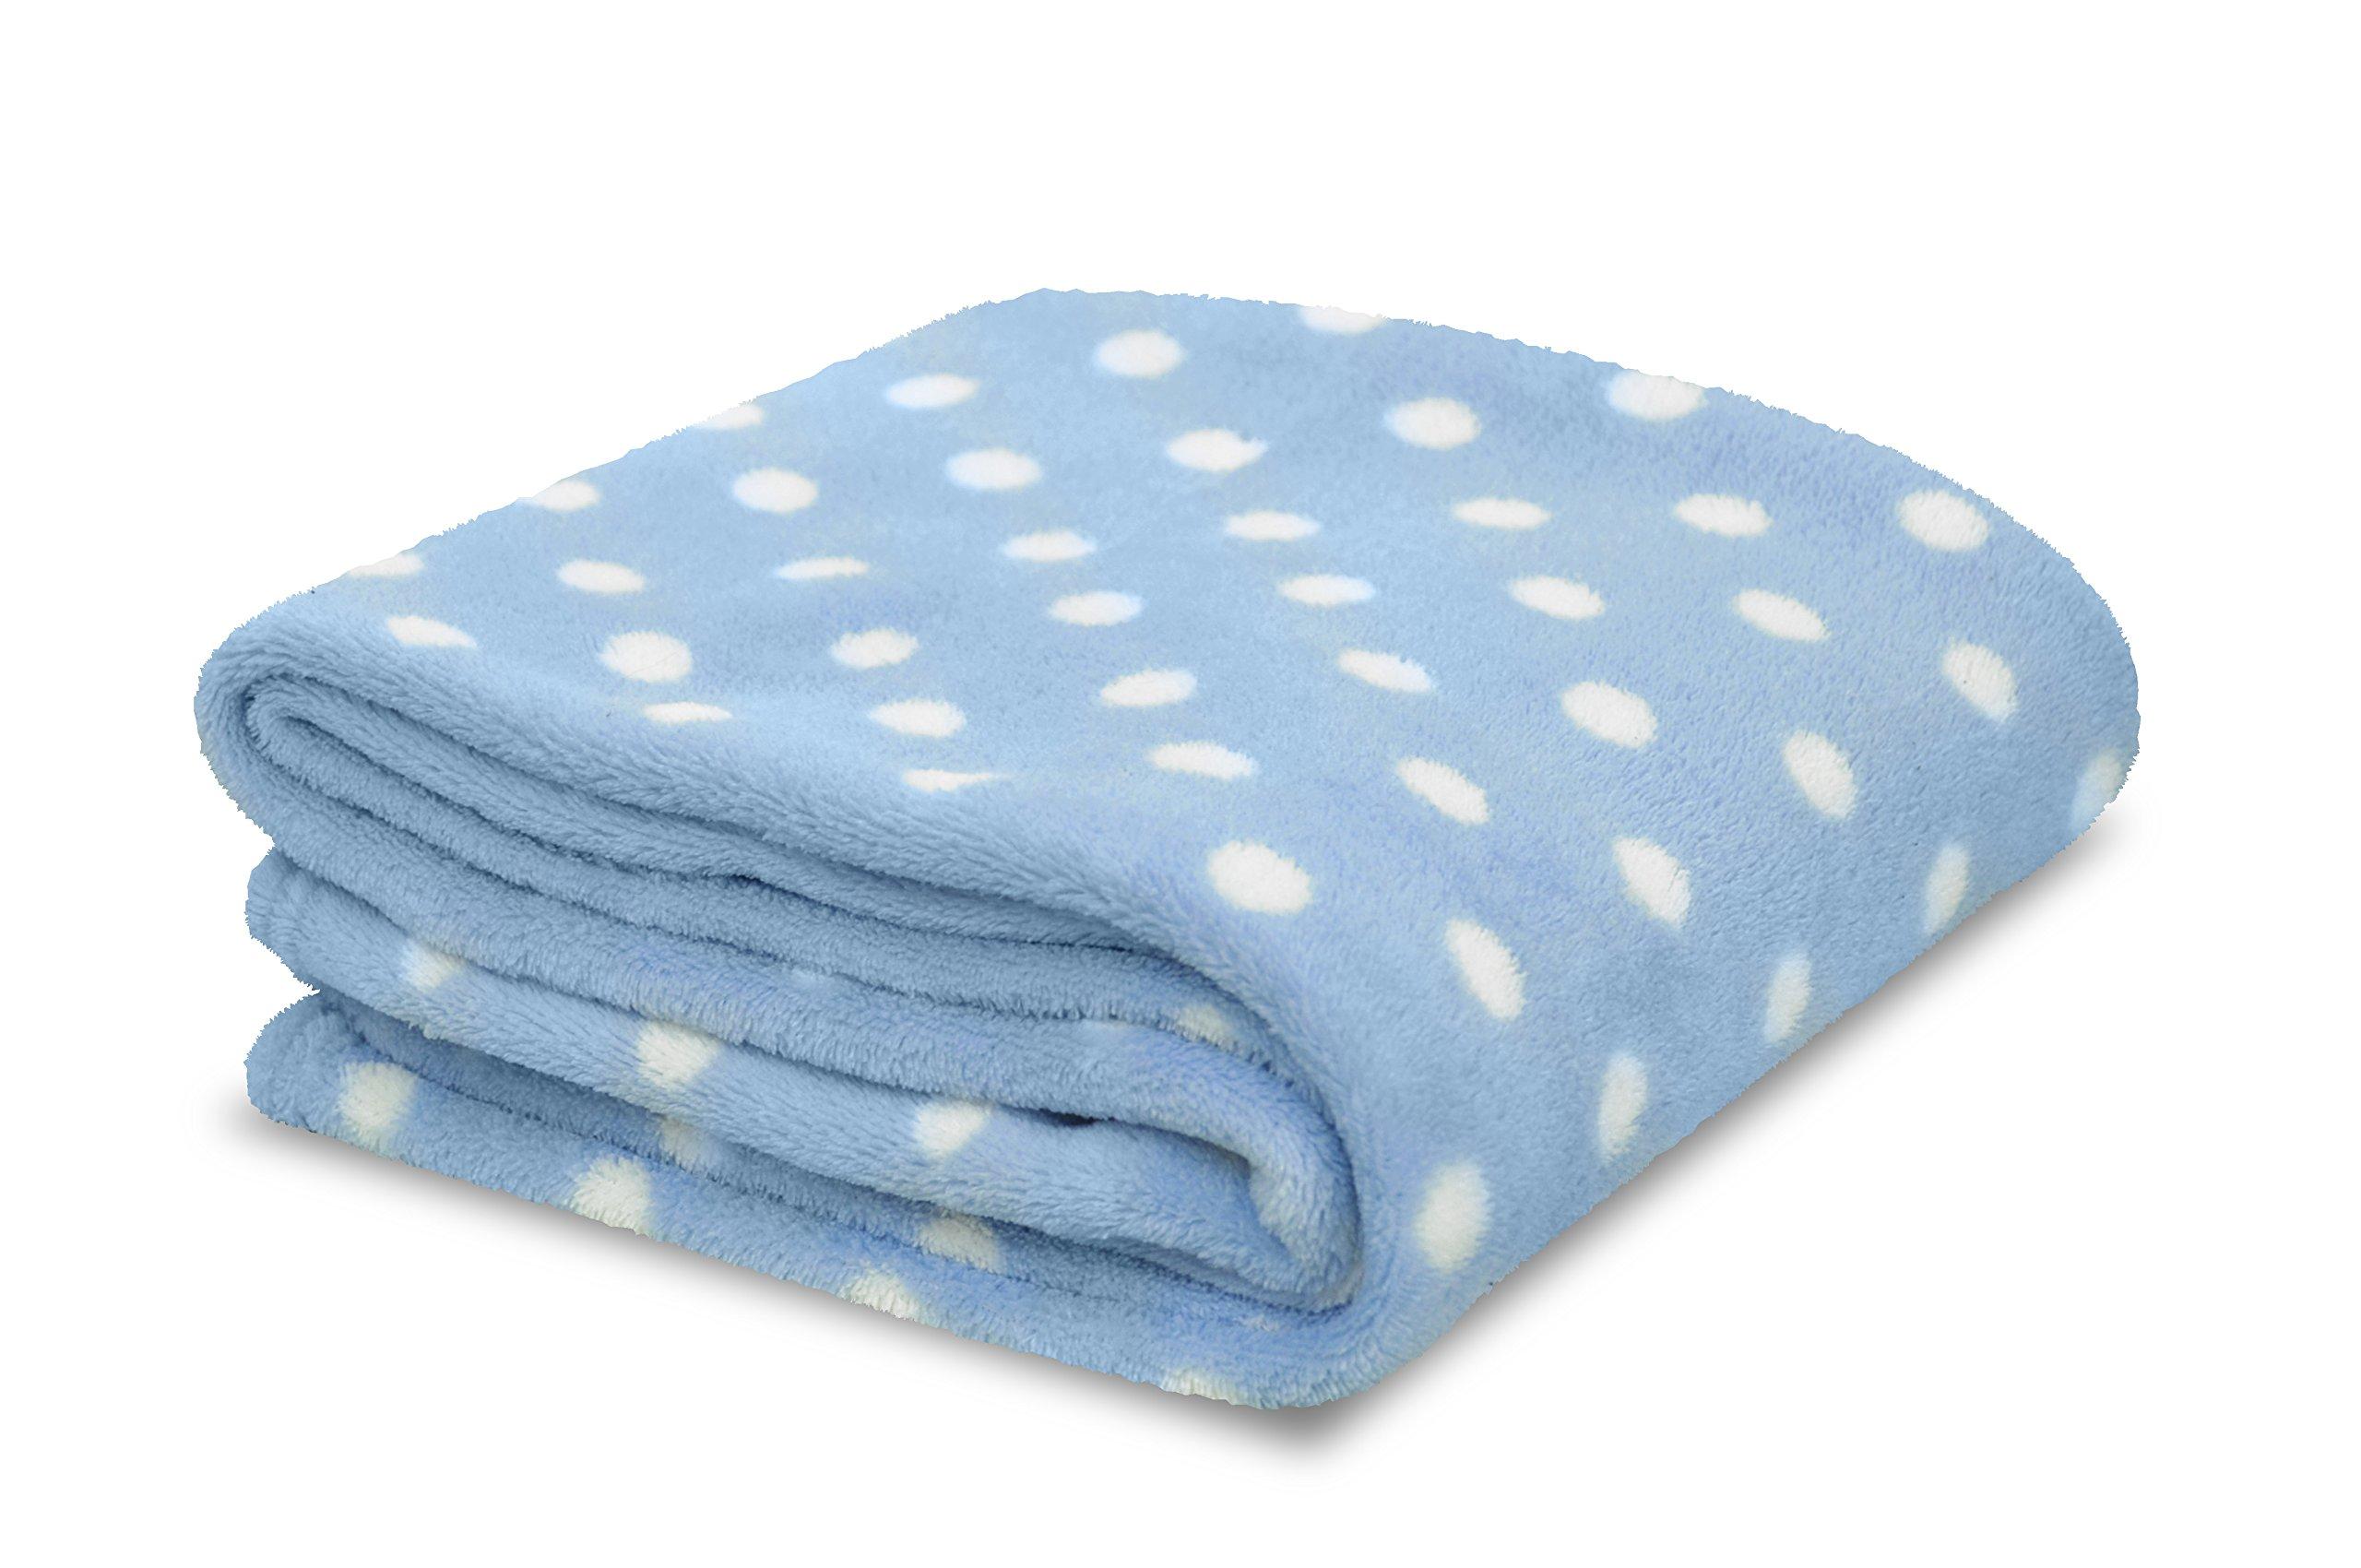 Little Starter Plush Toddler Blanket, Blue Dot